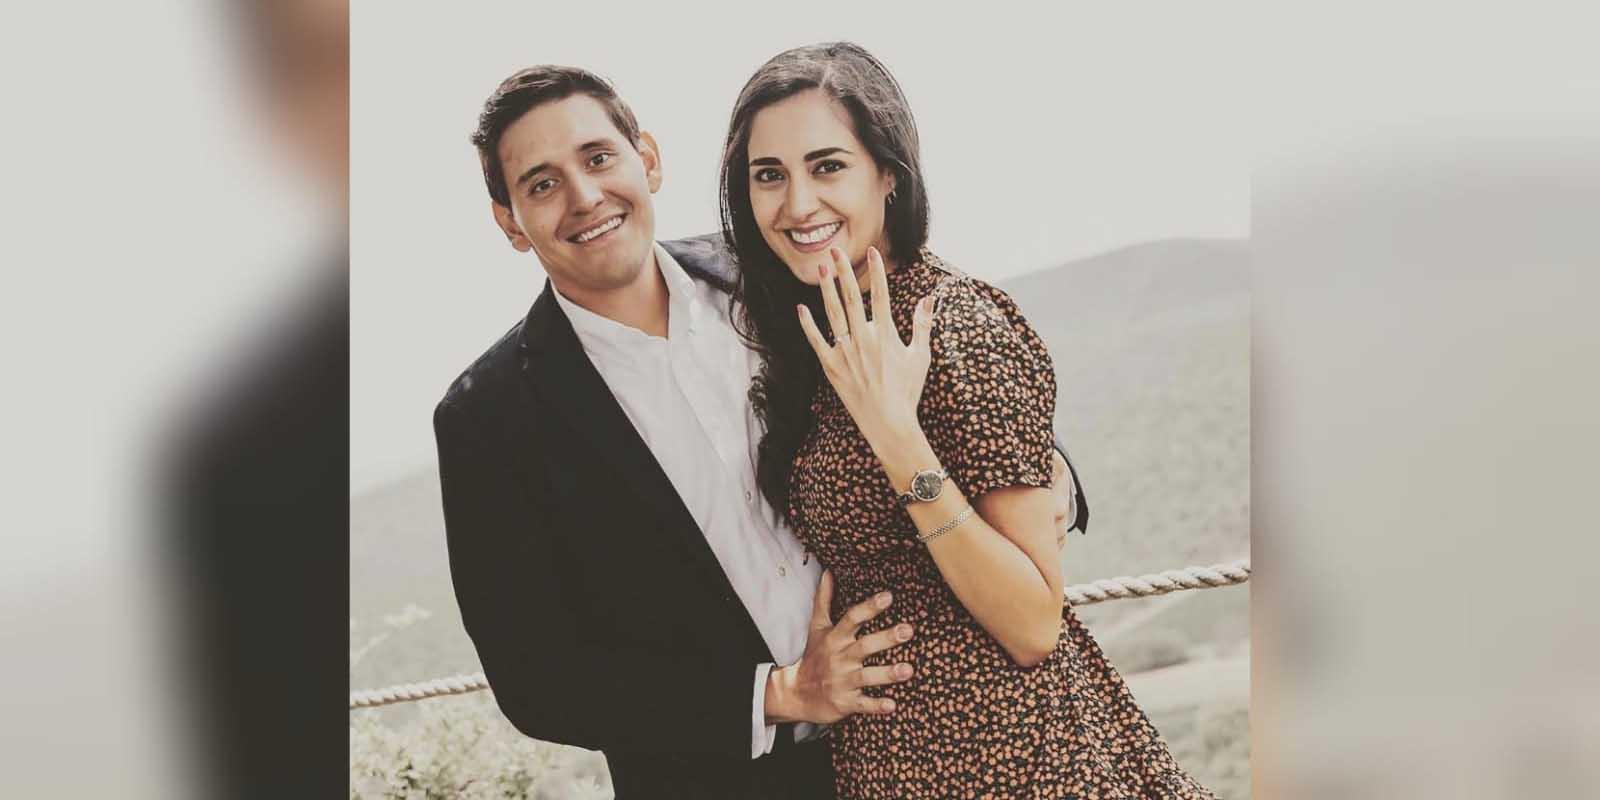 Giovanna & Rodolfo anuncian compromiso   El Imparcial de Oaxaca